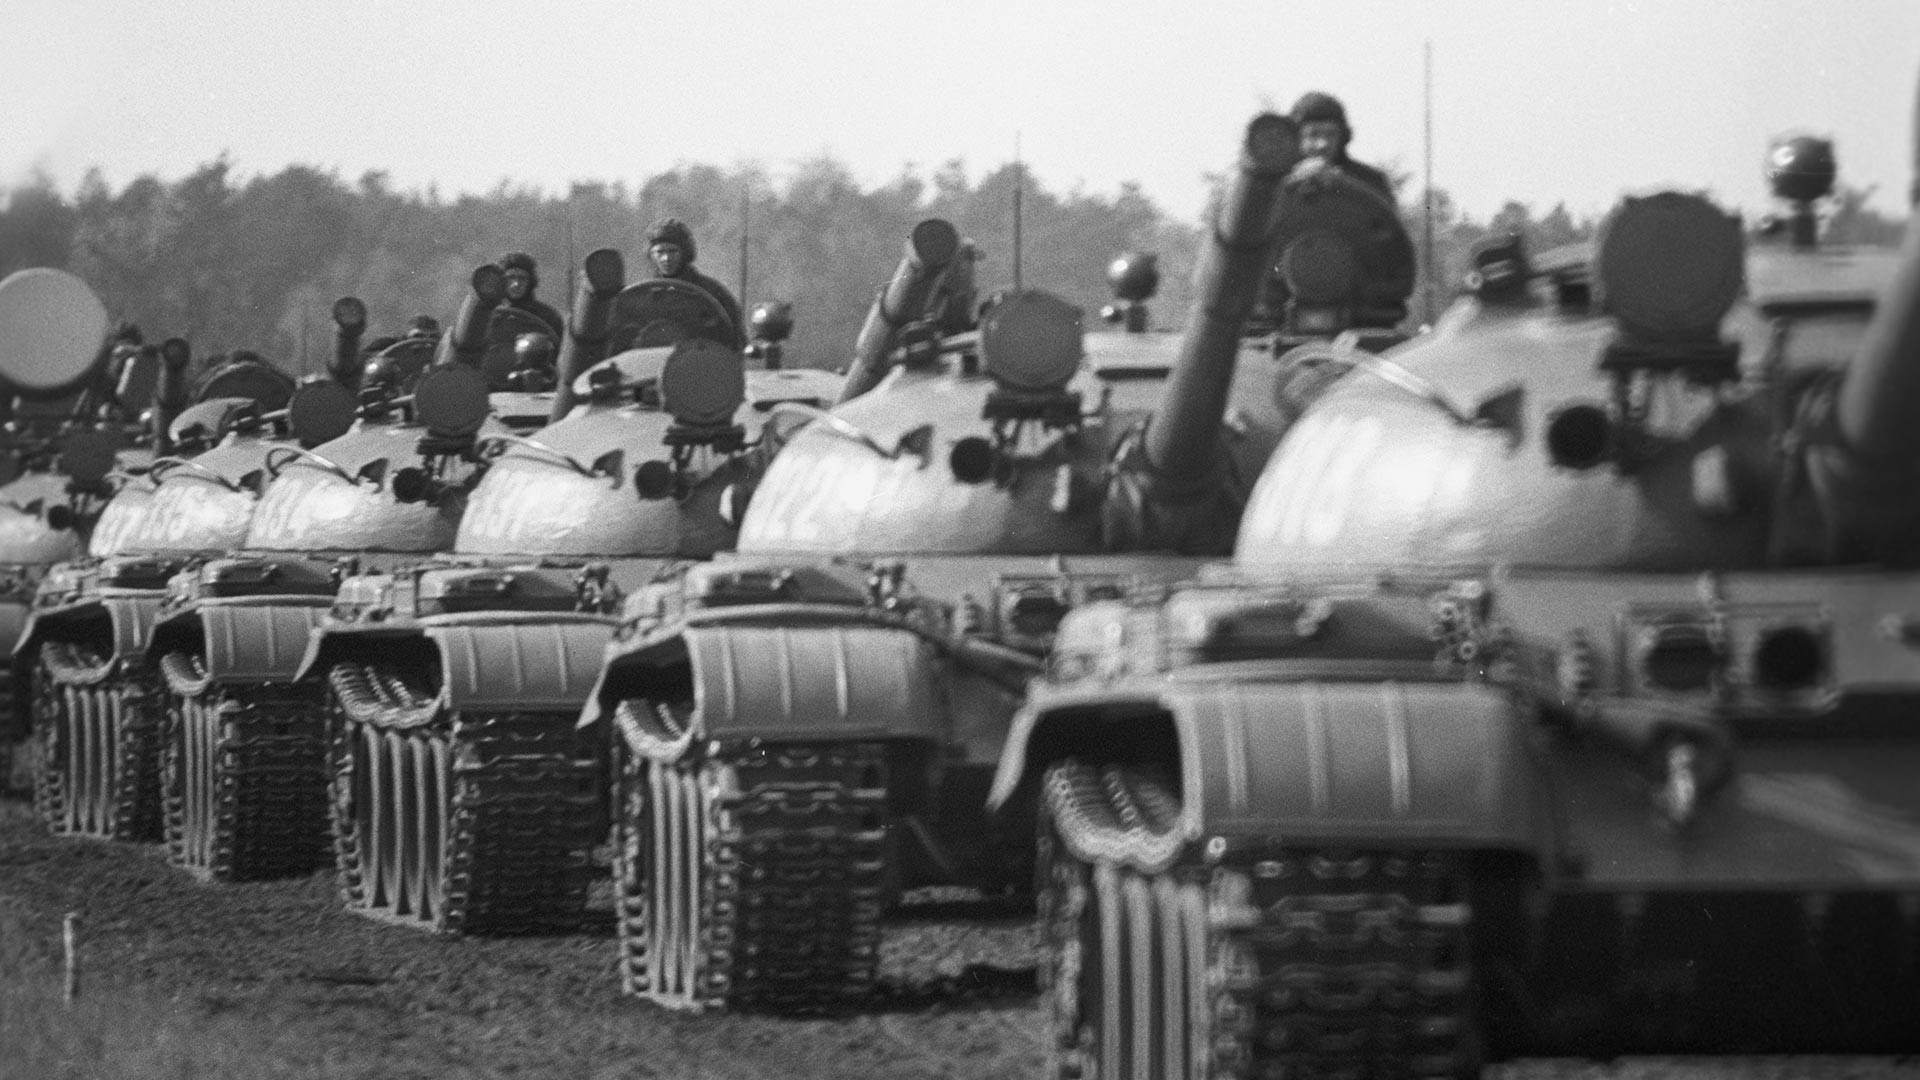 ソ連軍の戦車、WTO総合軍訓練